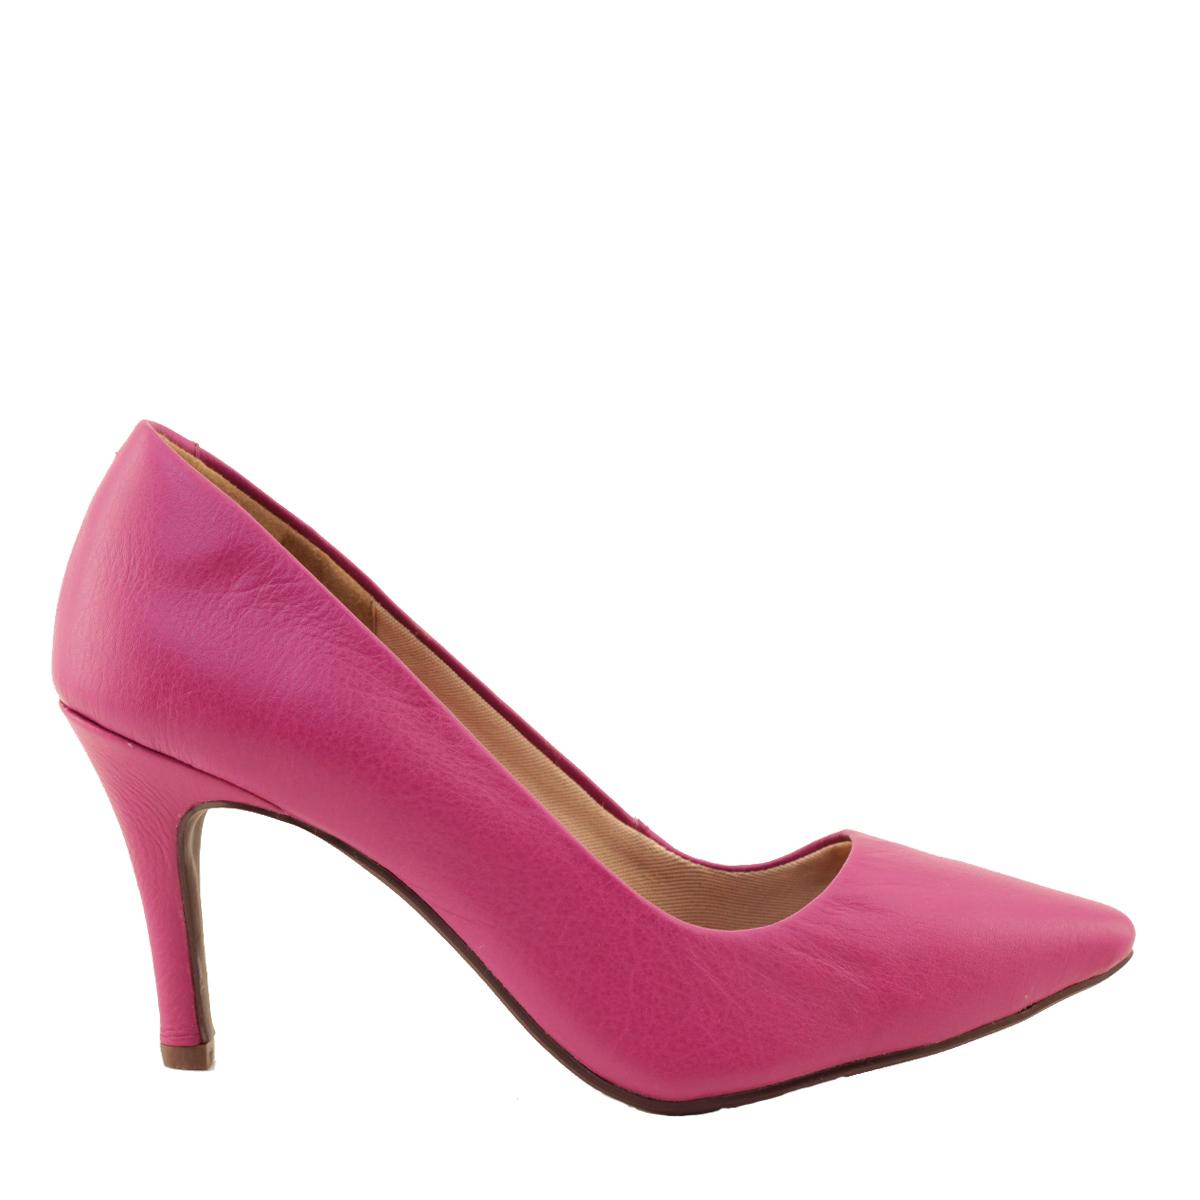 Scarpin Feminino Salto Alto Couro Pink